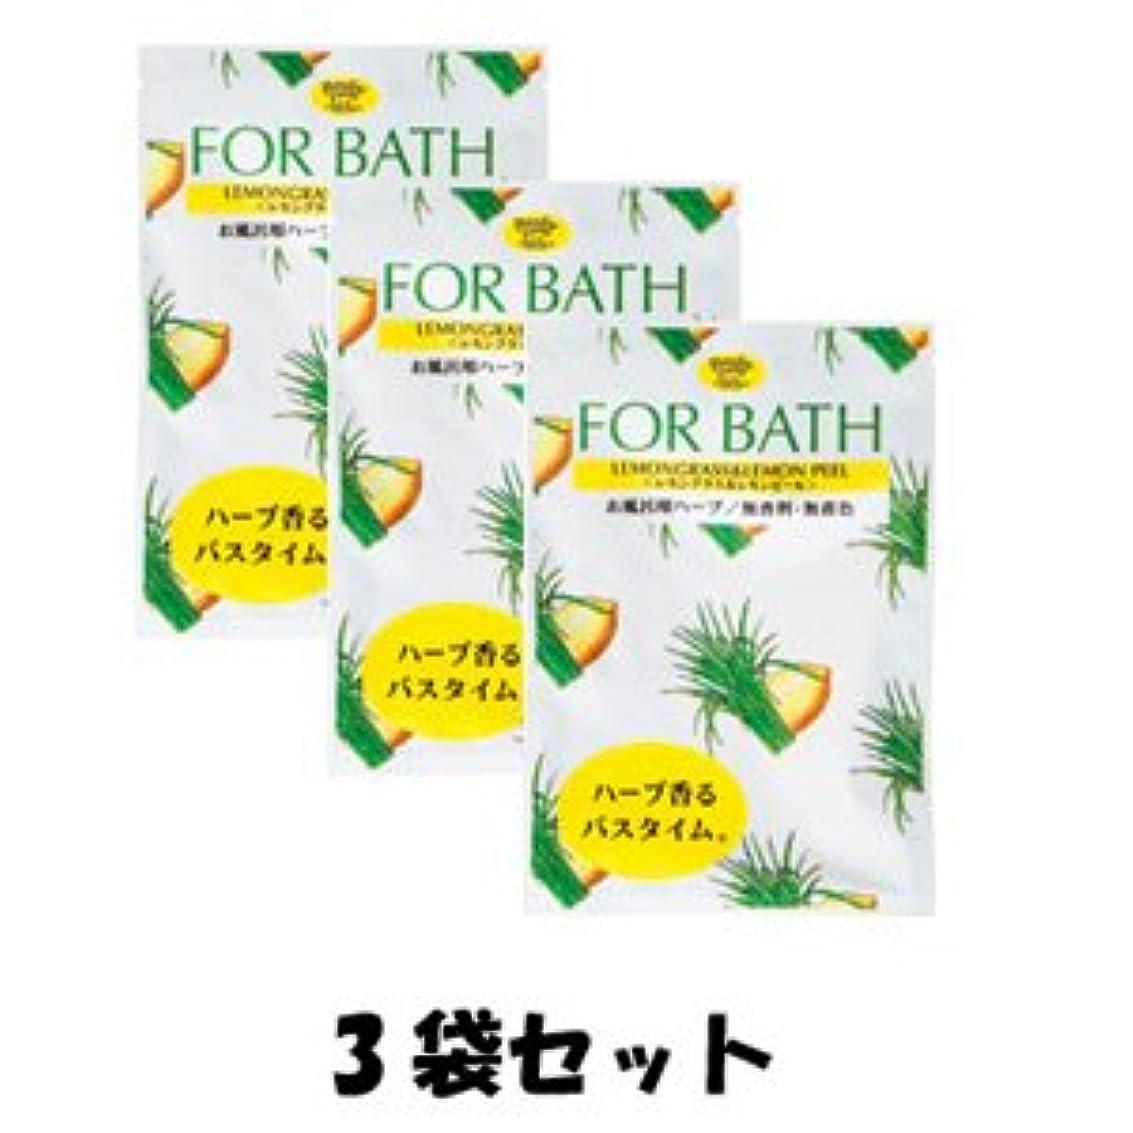 開梱簡単に徐々にフォアバス レモングラス&レモンピール 3袋セット 天然ハーブ使用